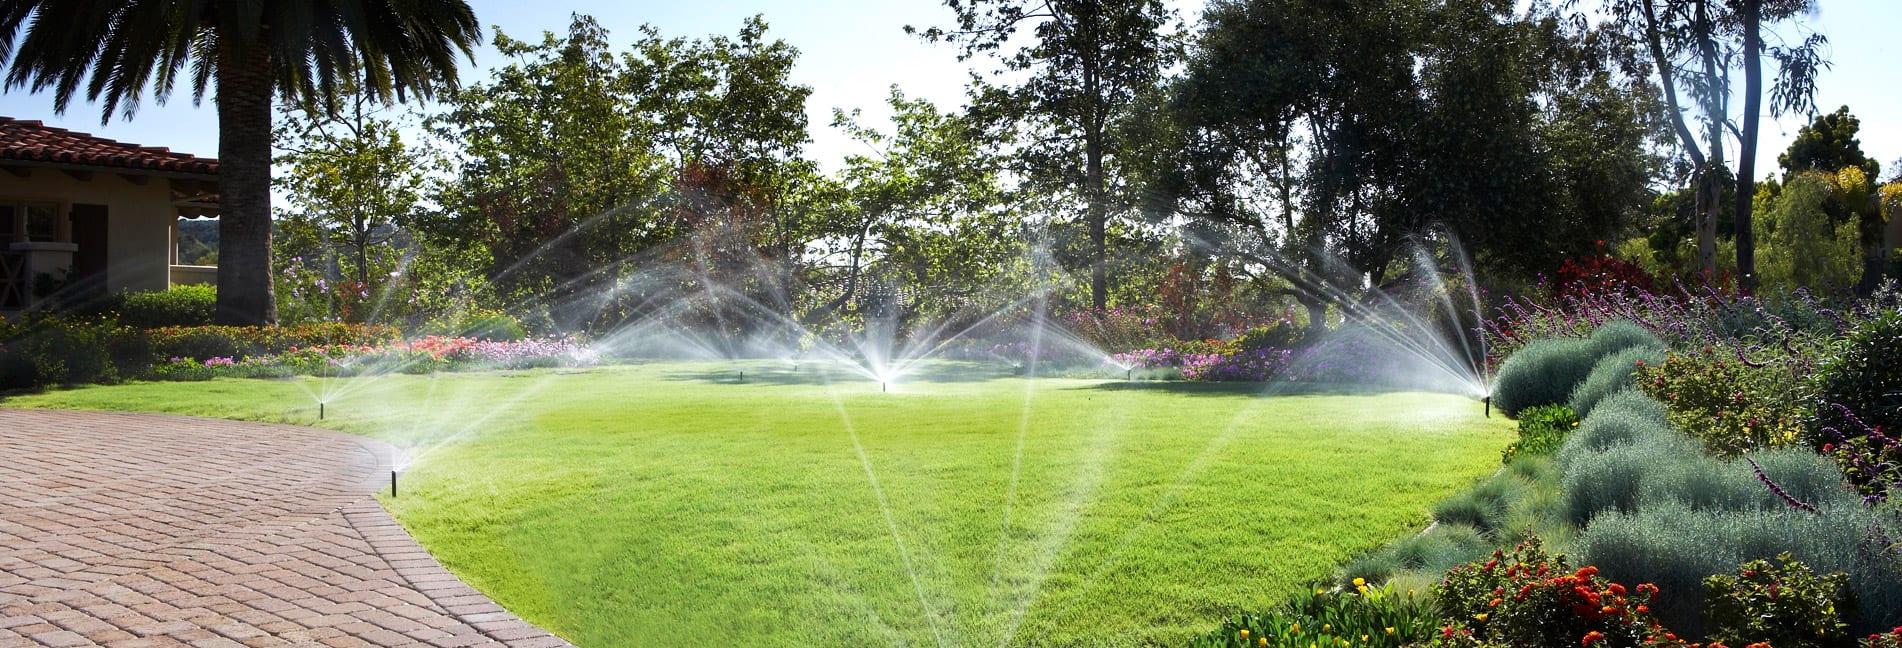 Garden irrigation supplies Auckland